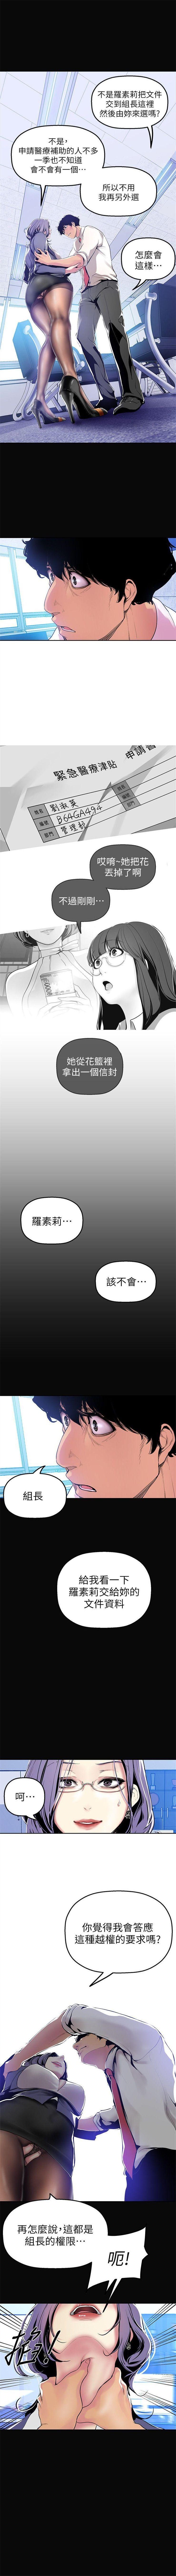 (週1)美麗新世界 1-70 中文翻譯 (更新中) 276